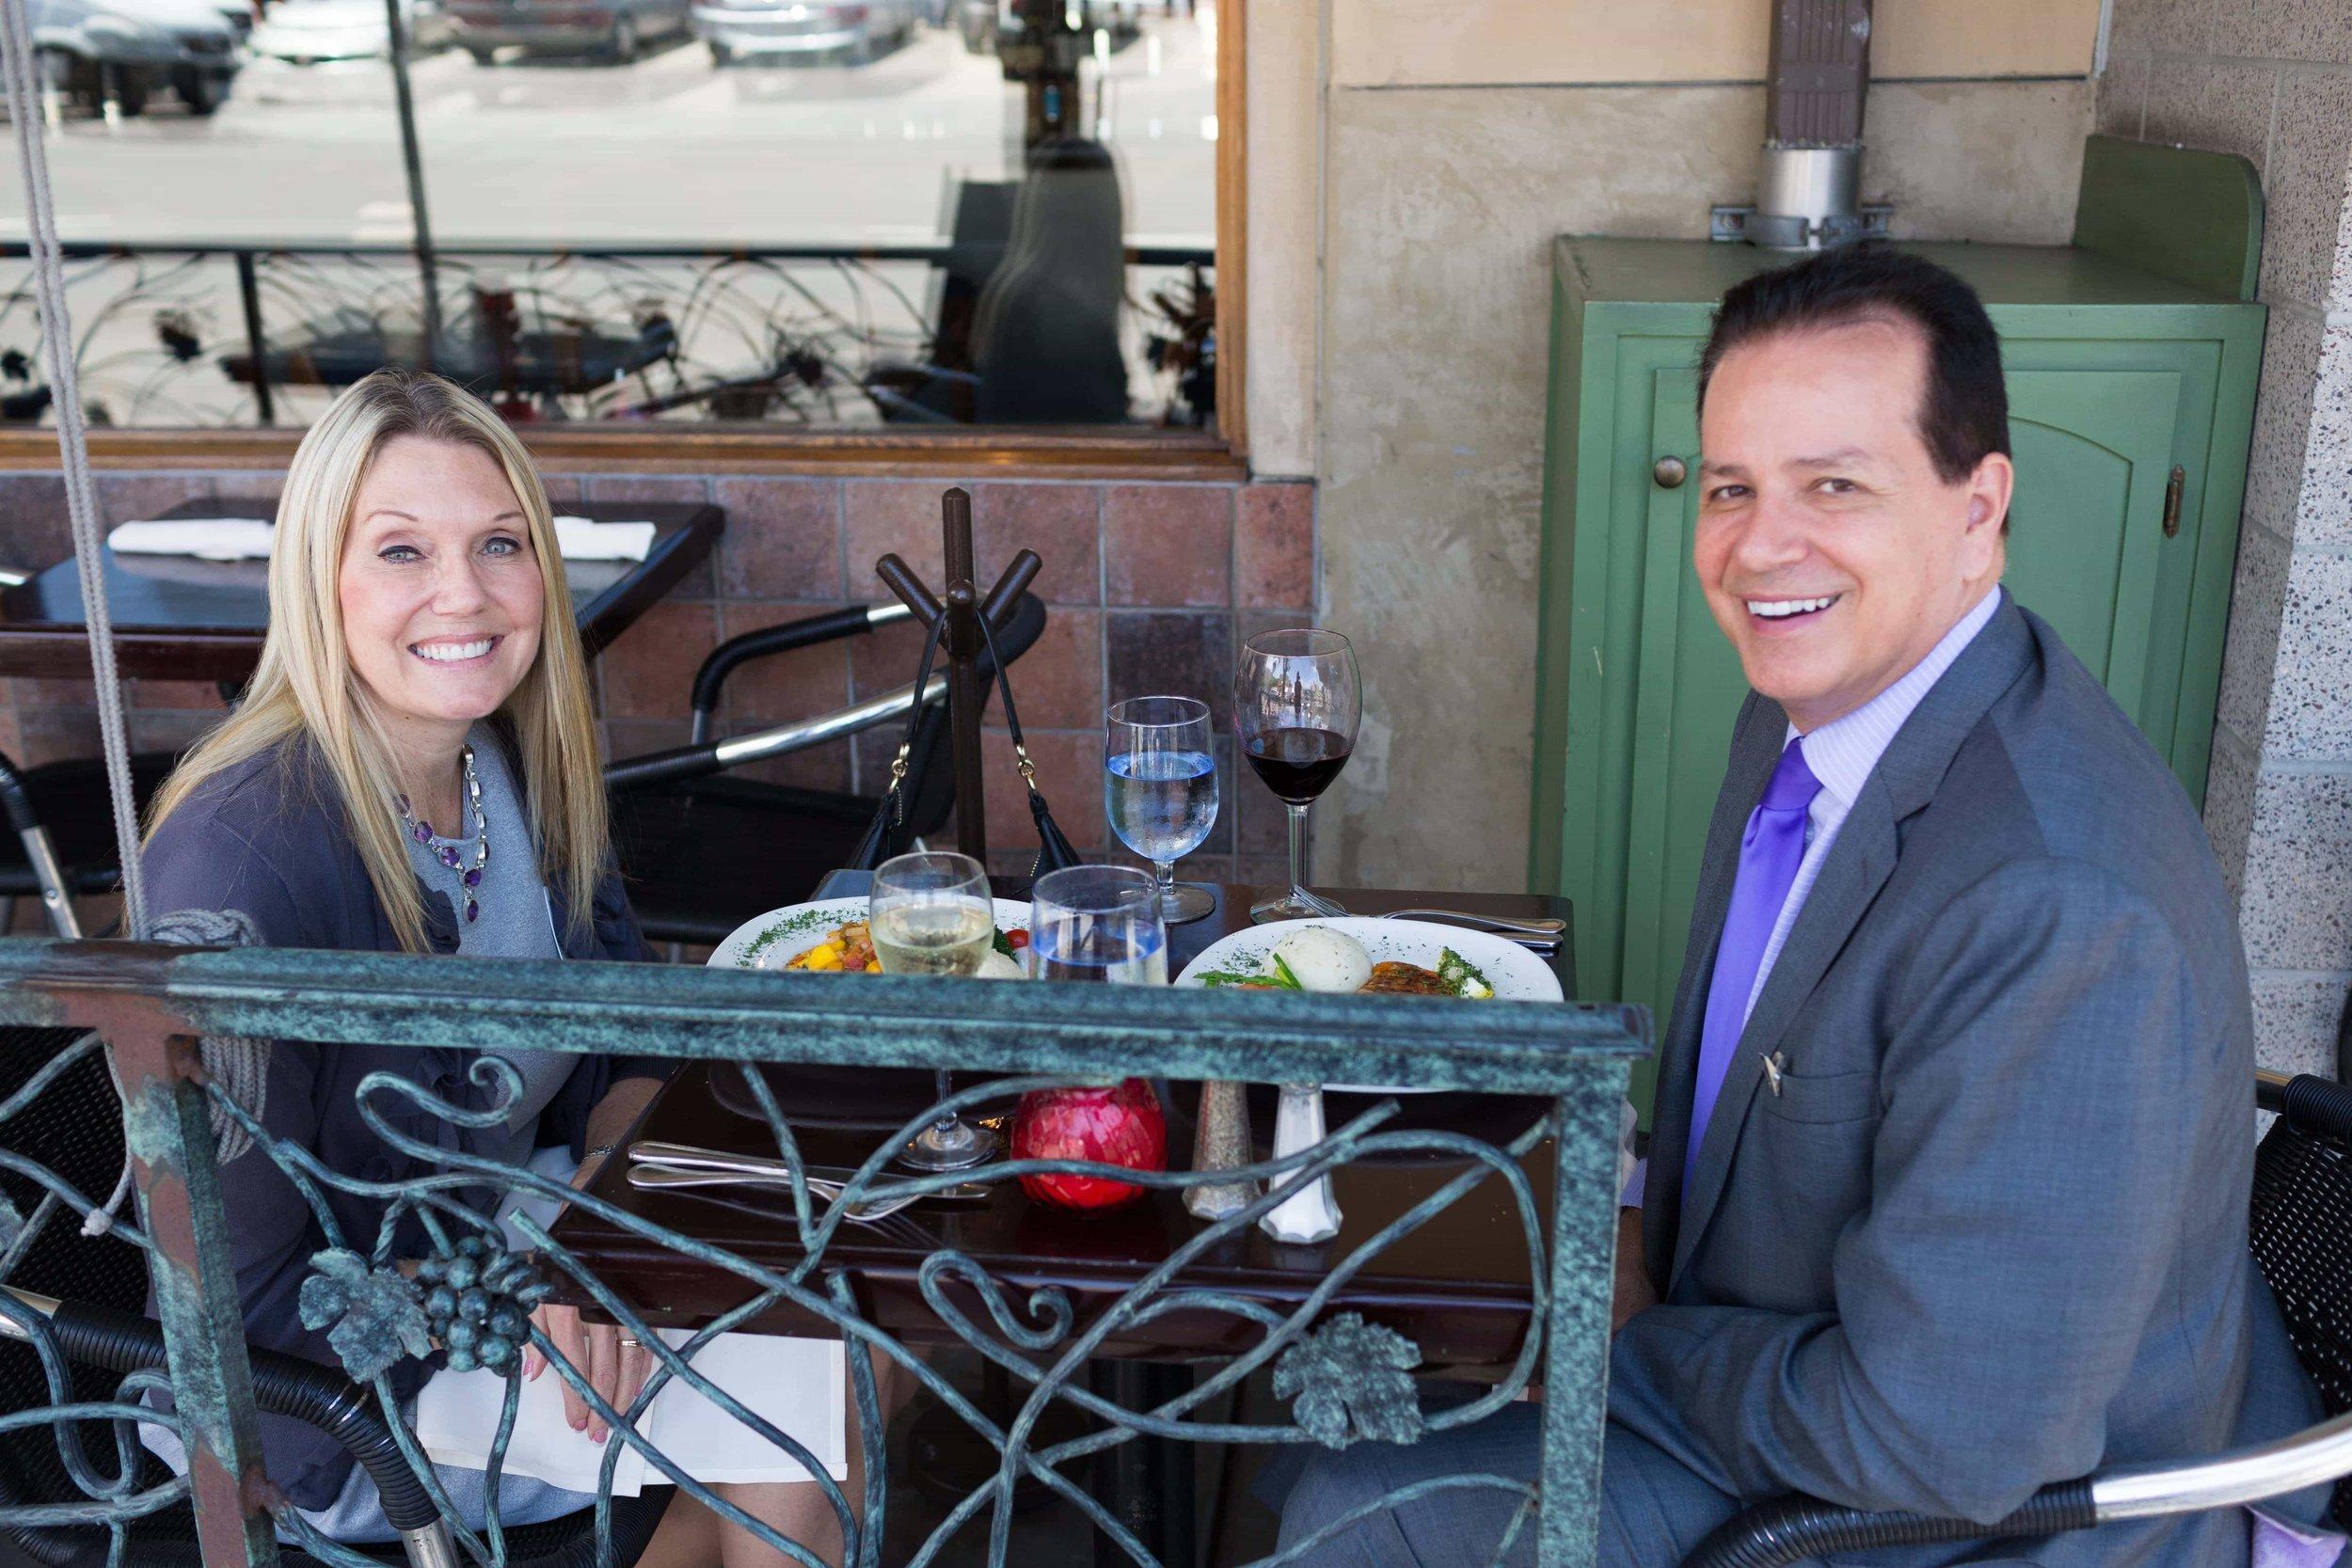 puerto-la-boca-little-italy-couple-eating-outside.jpg